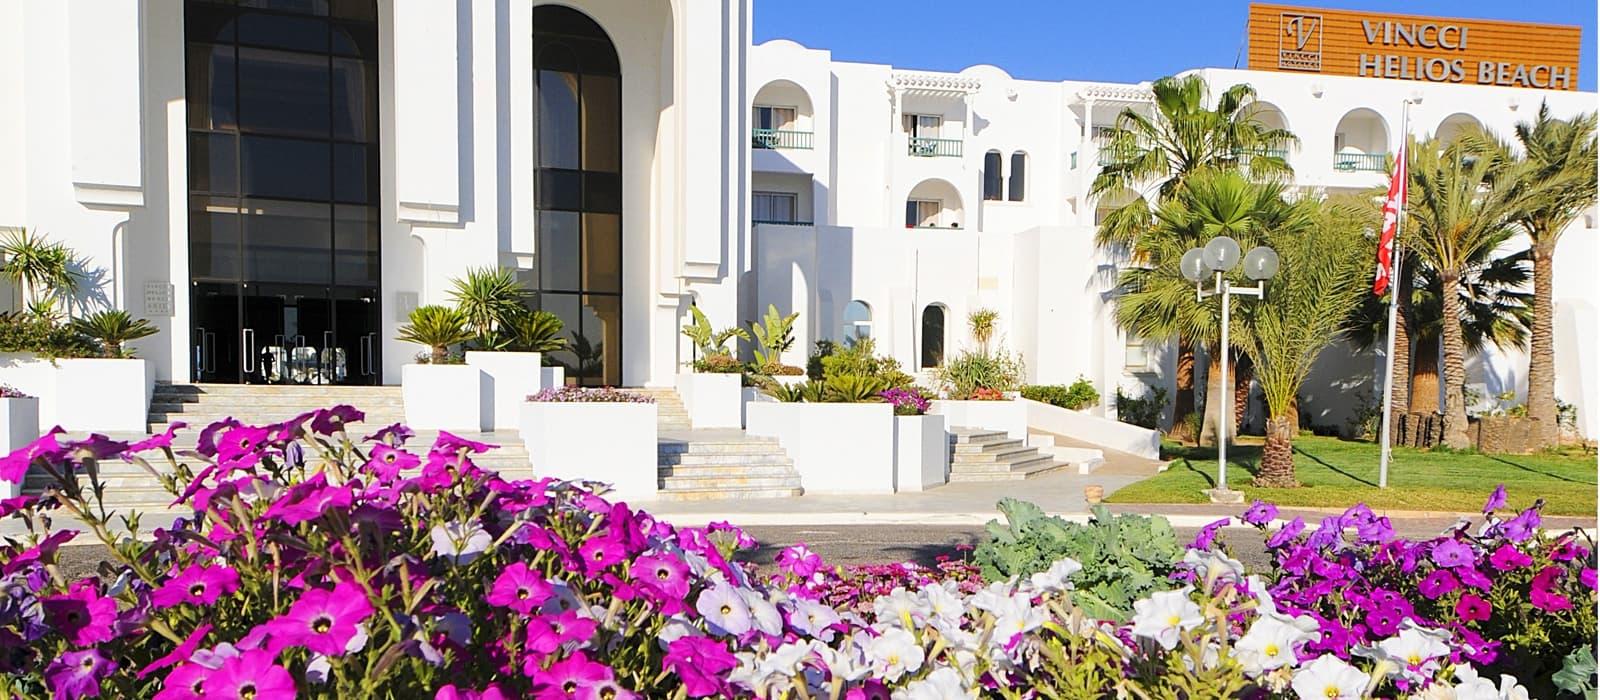 Hotel Djerba Hélios Beach - Vincci Hotels